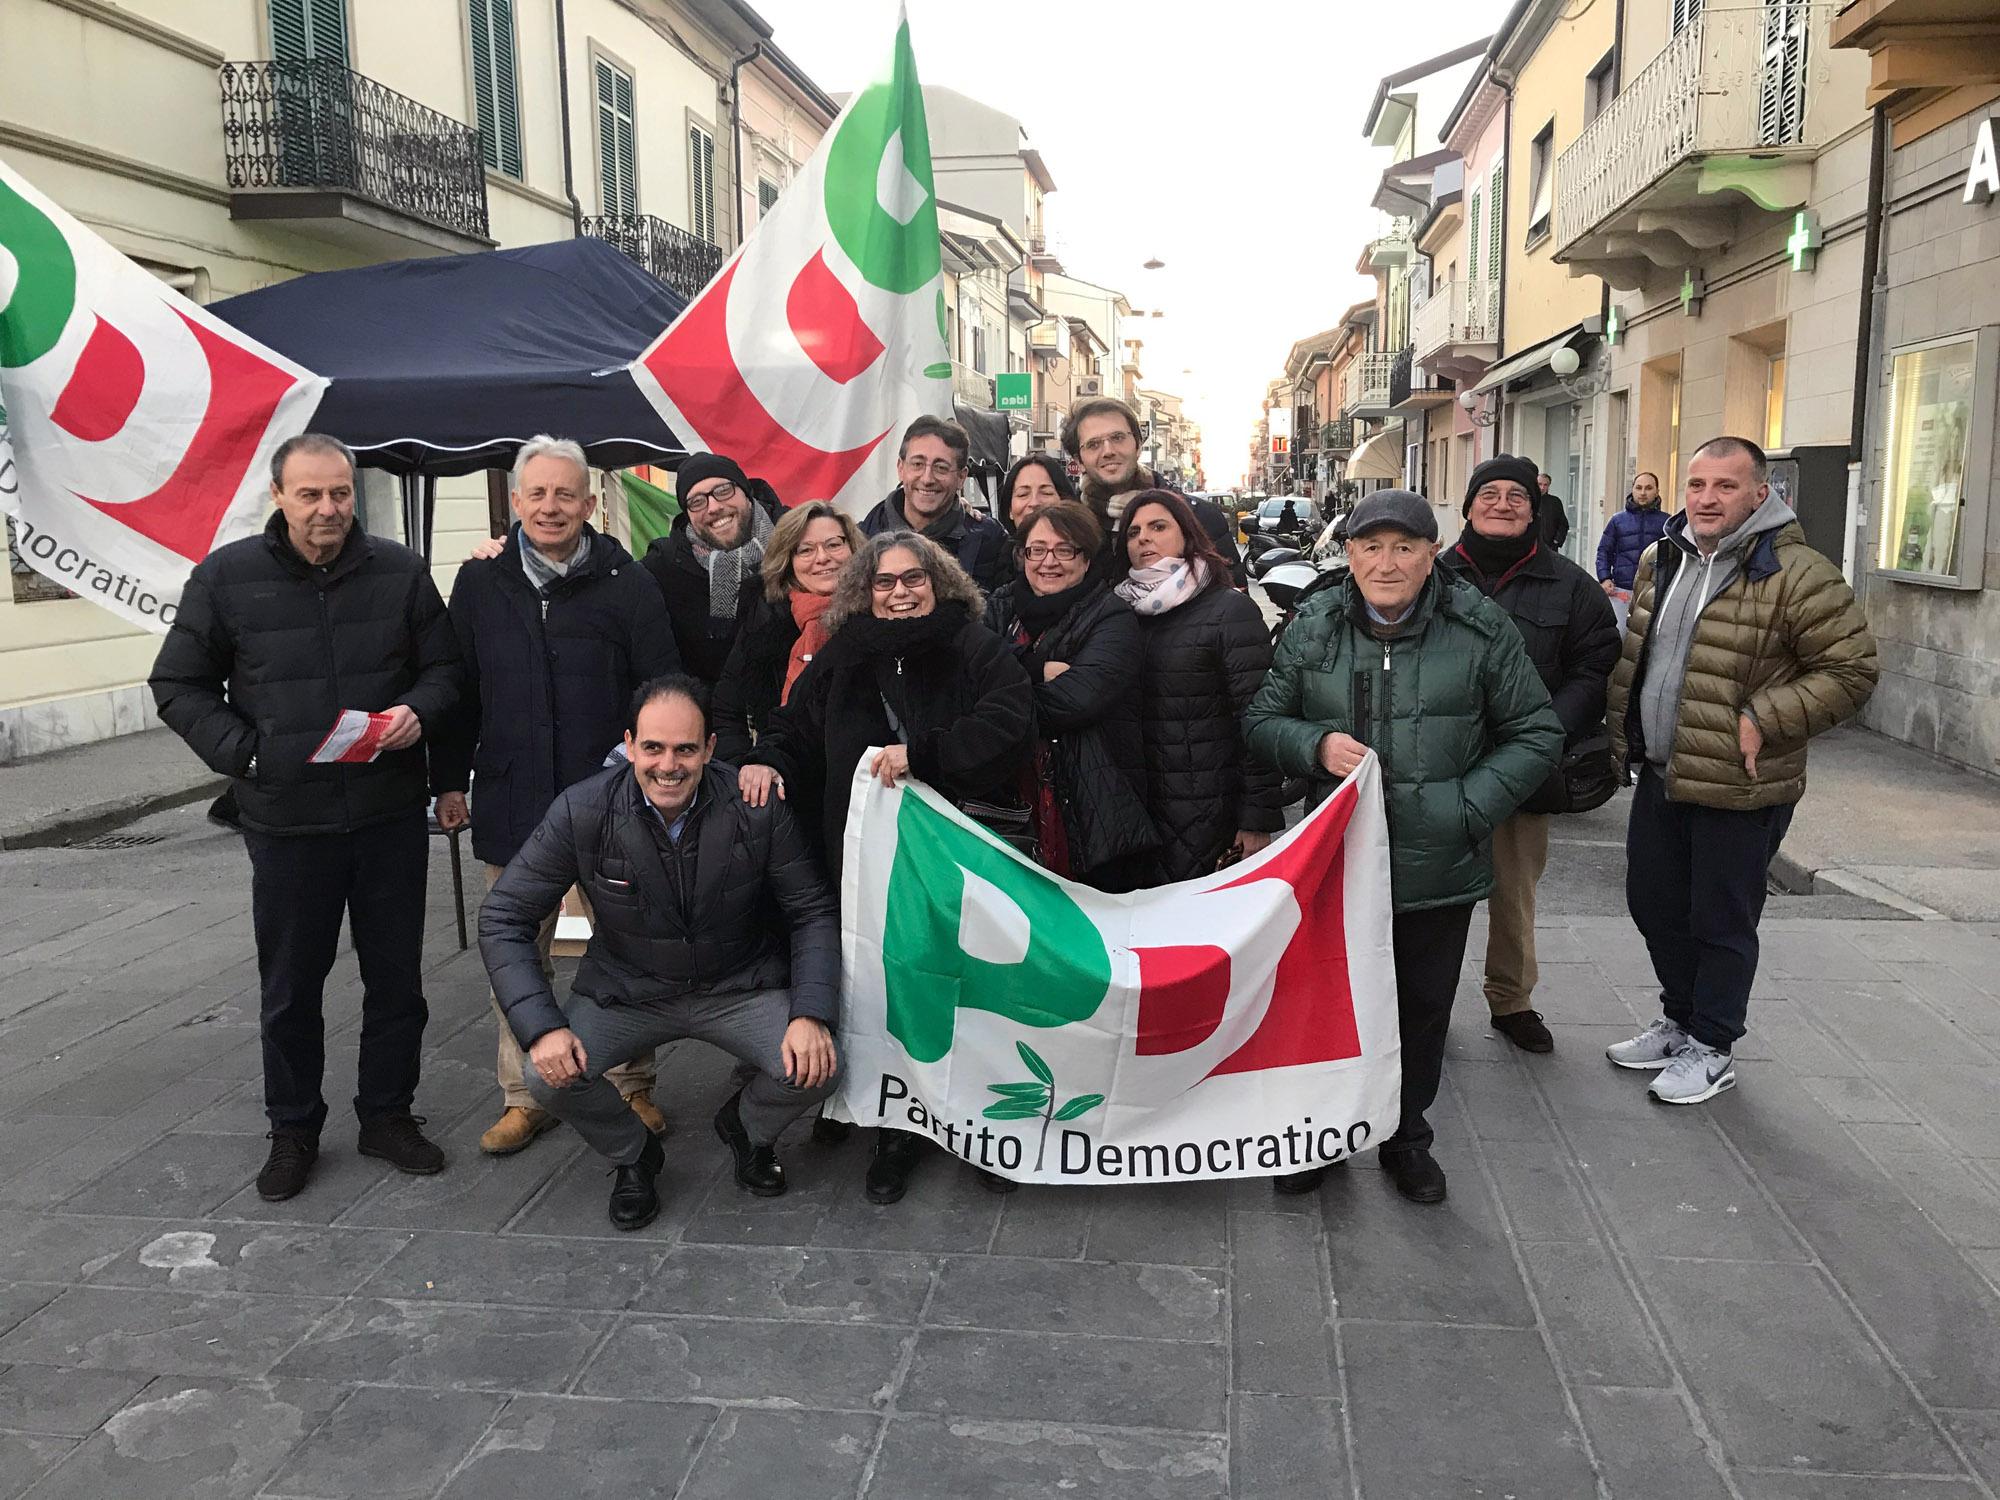 Protesta contro il Governo: gazebo del Pd a Viareggio